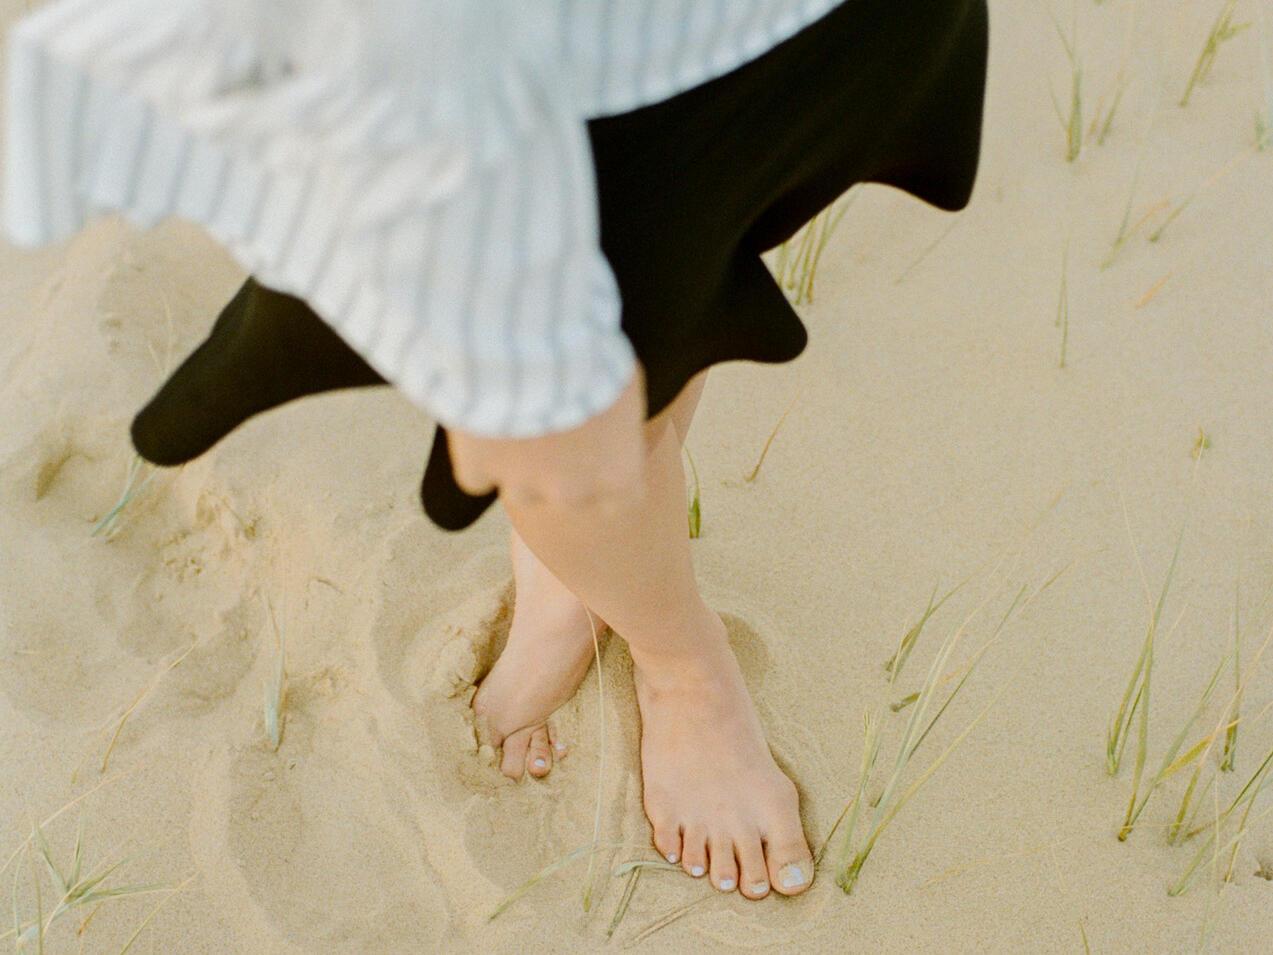 a womans feet on a beach